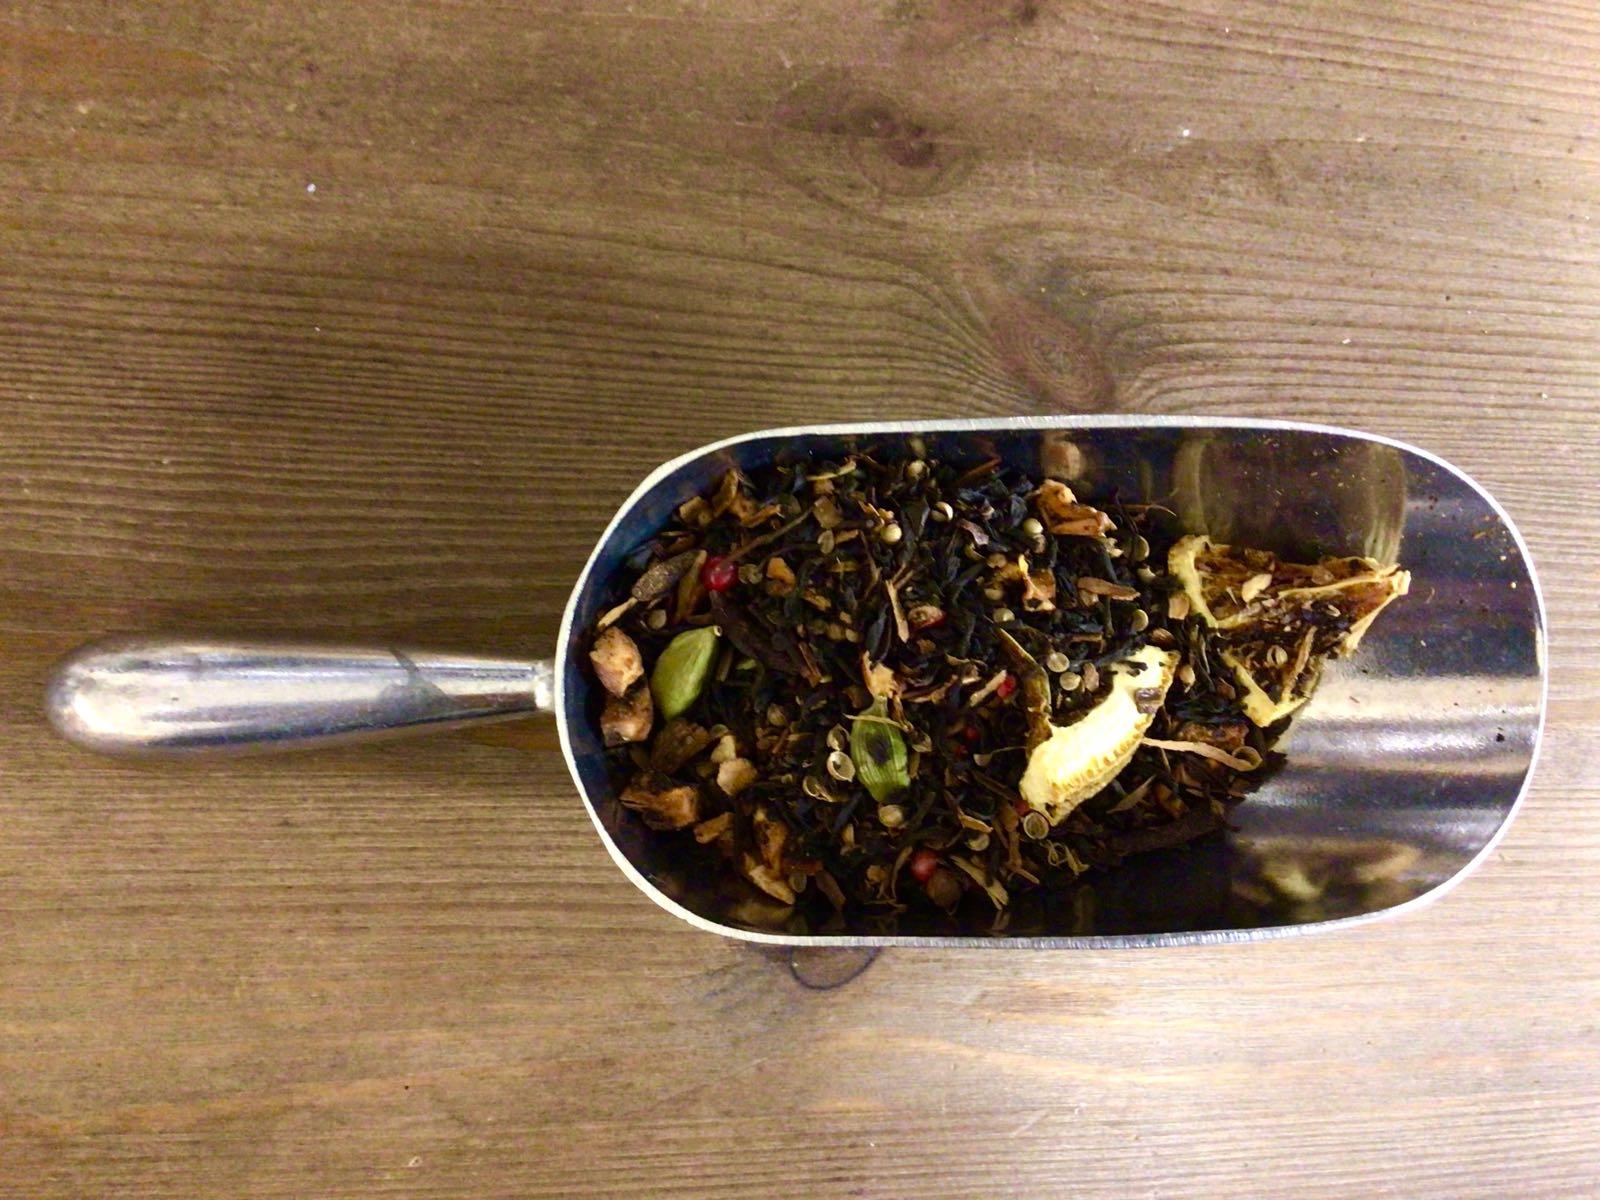 Teahouse Spiced Orange